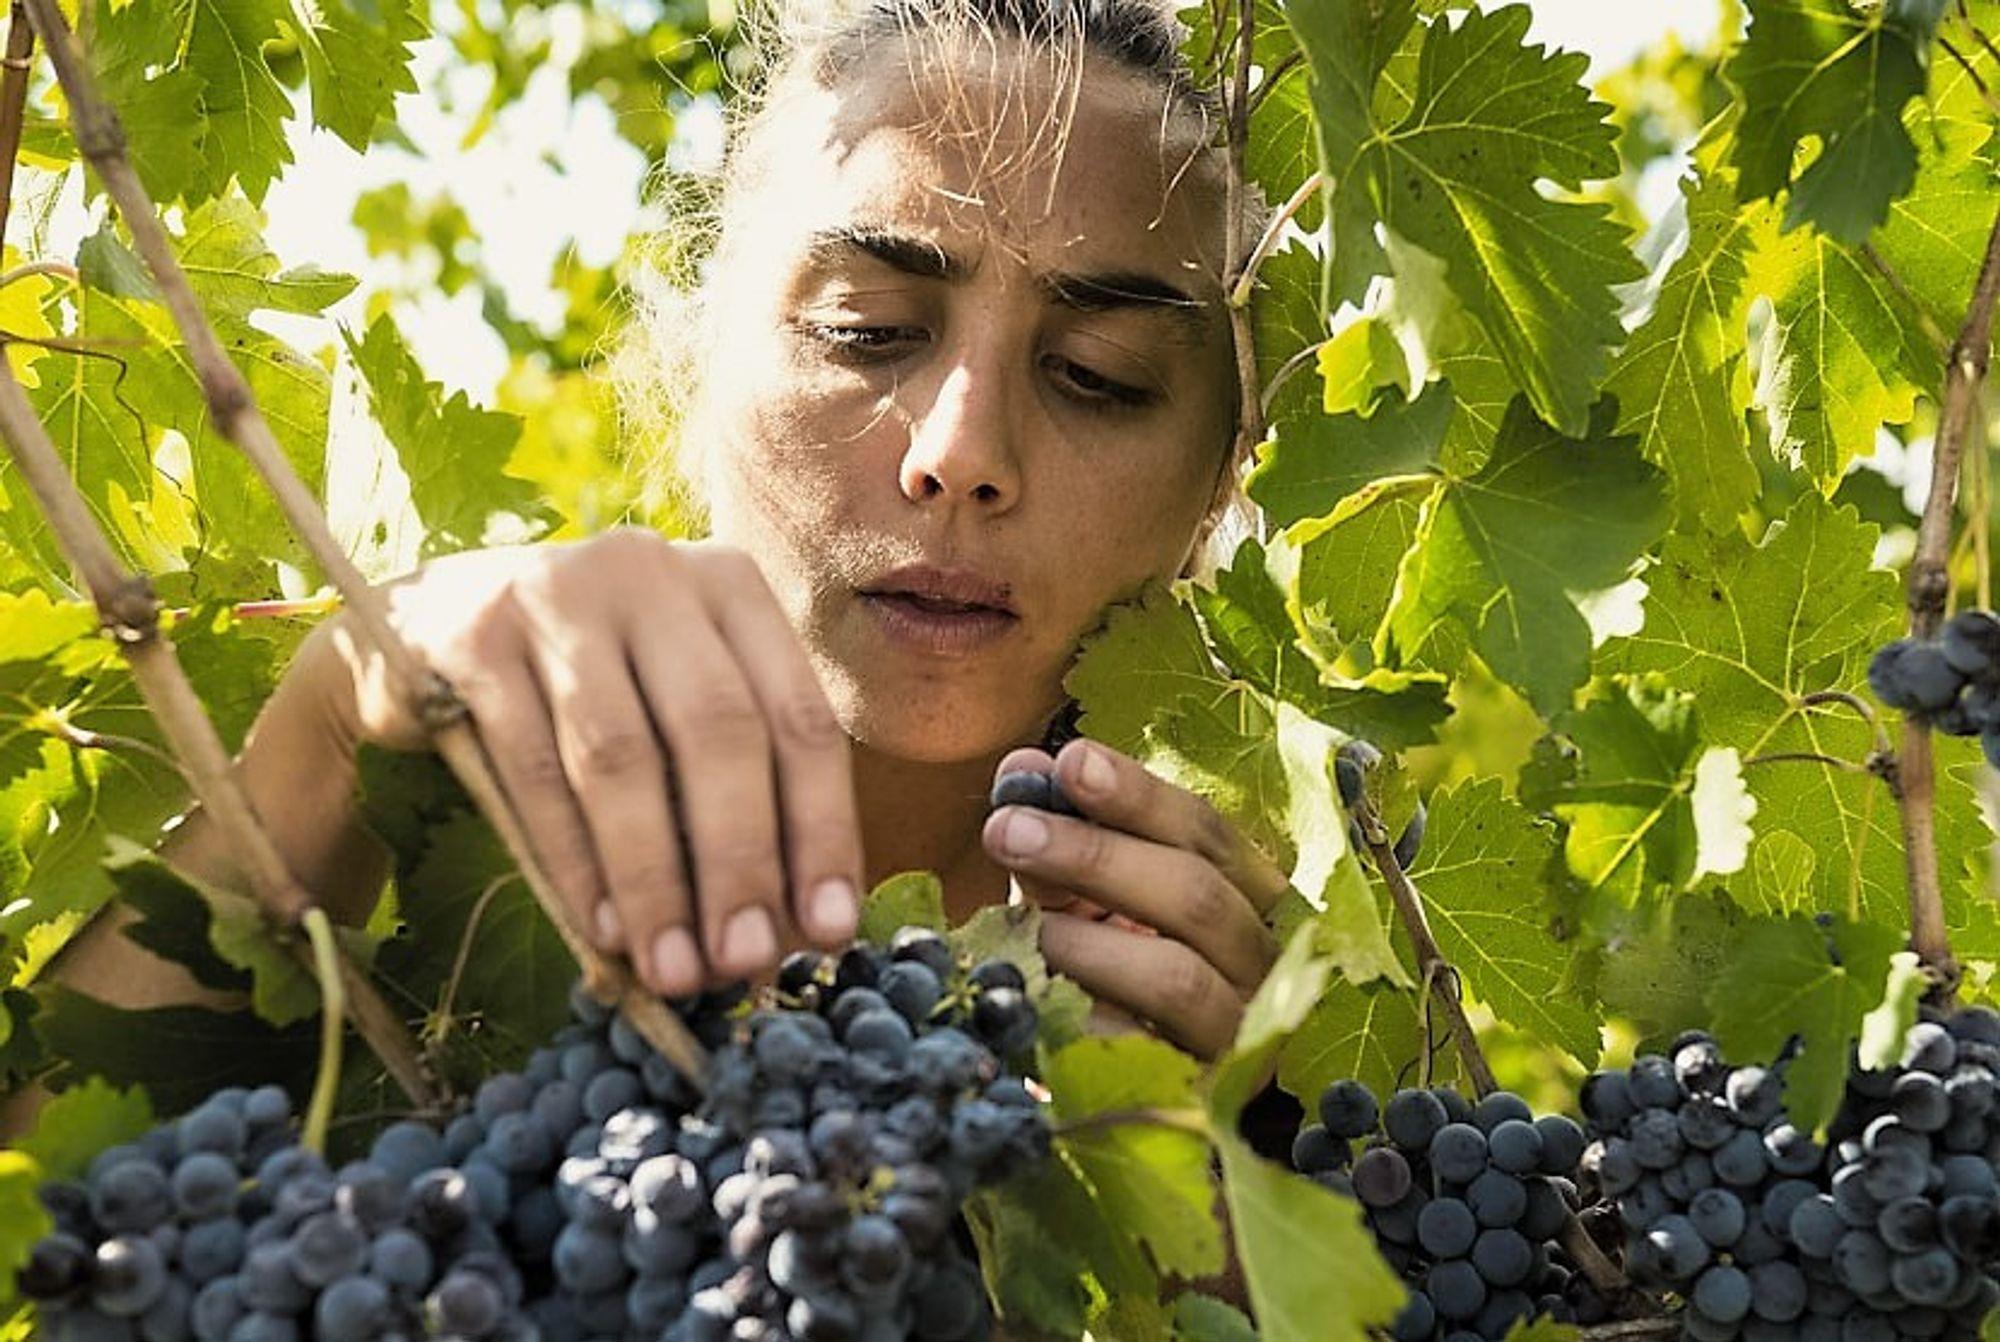 Arianna Occhipinti har sjarmert en hel vinverden med sine viner.